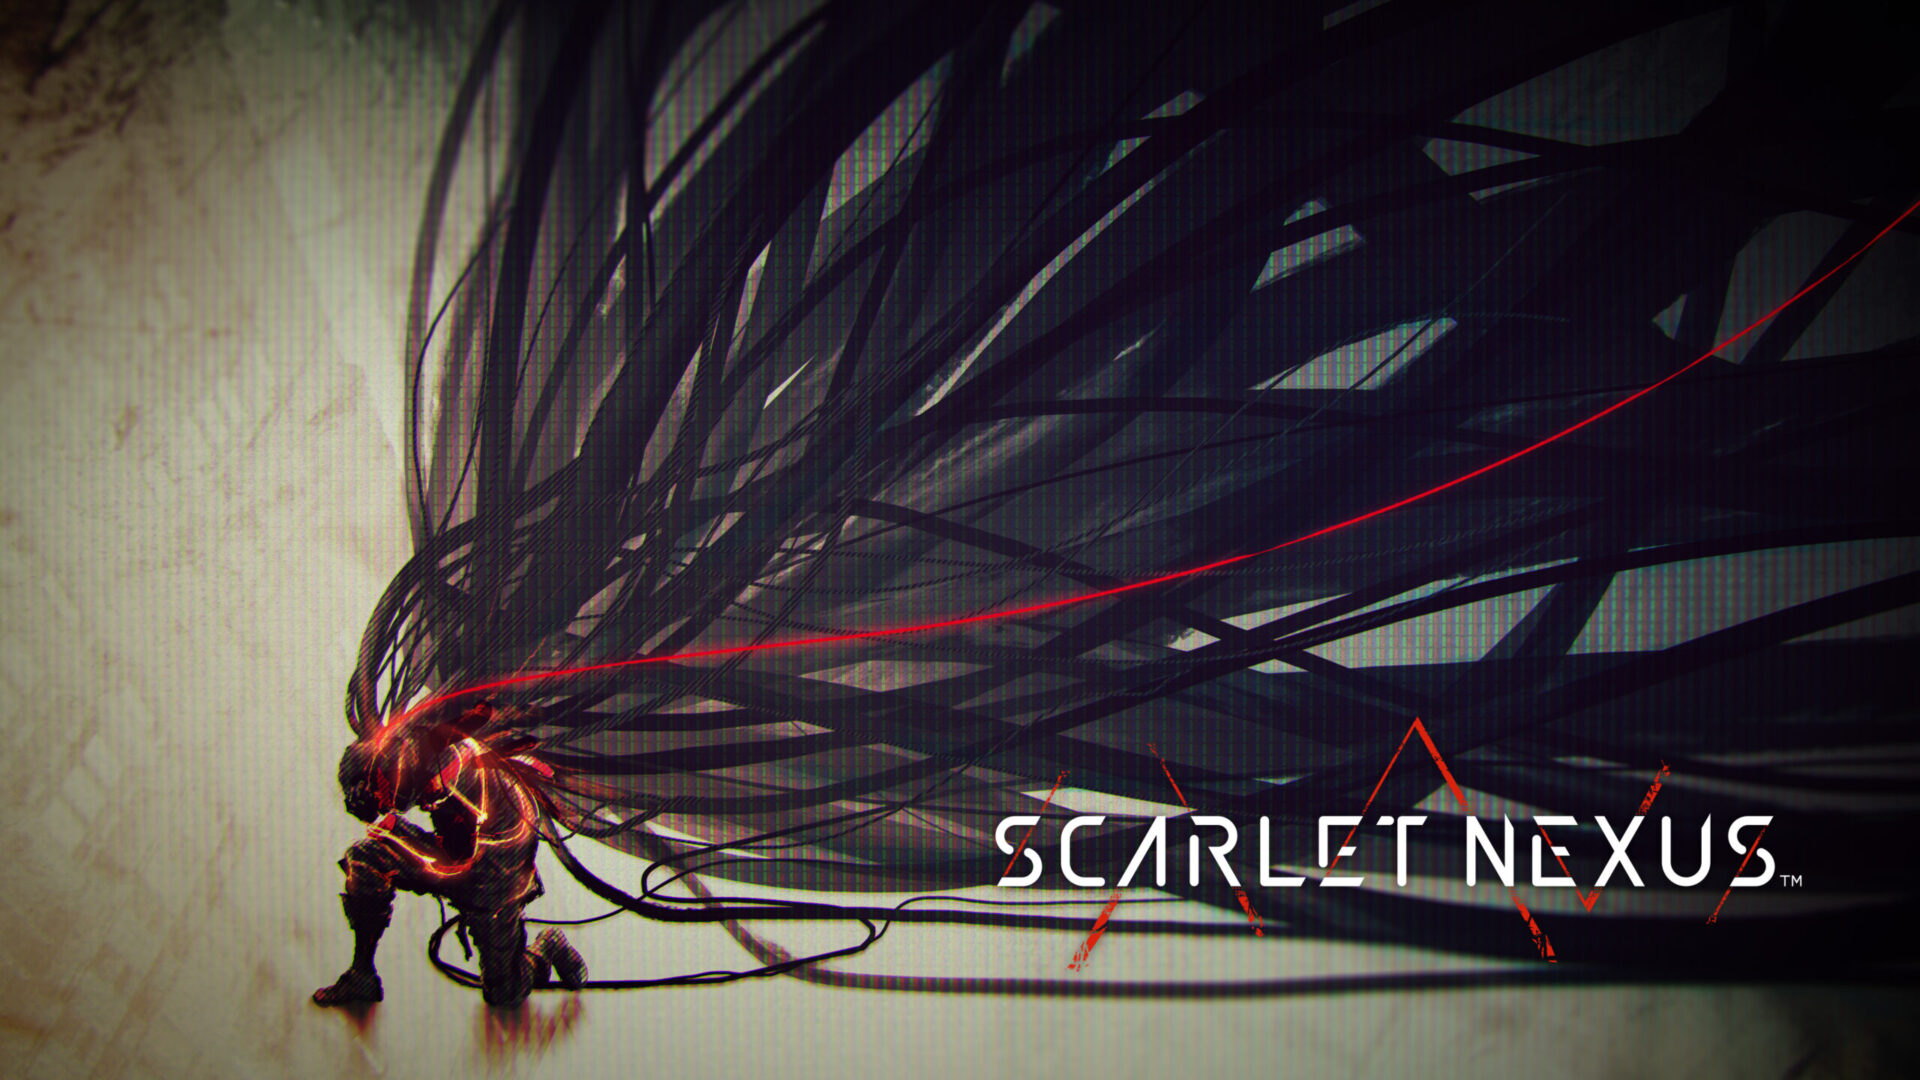 Jogos: Scarlet Nexus chega em junho para PC e consoles